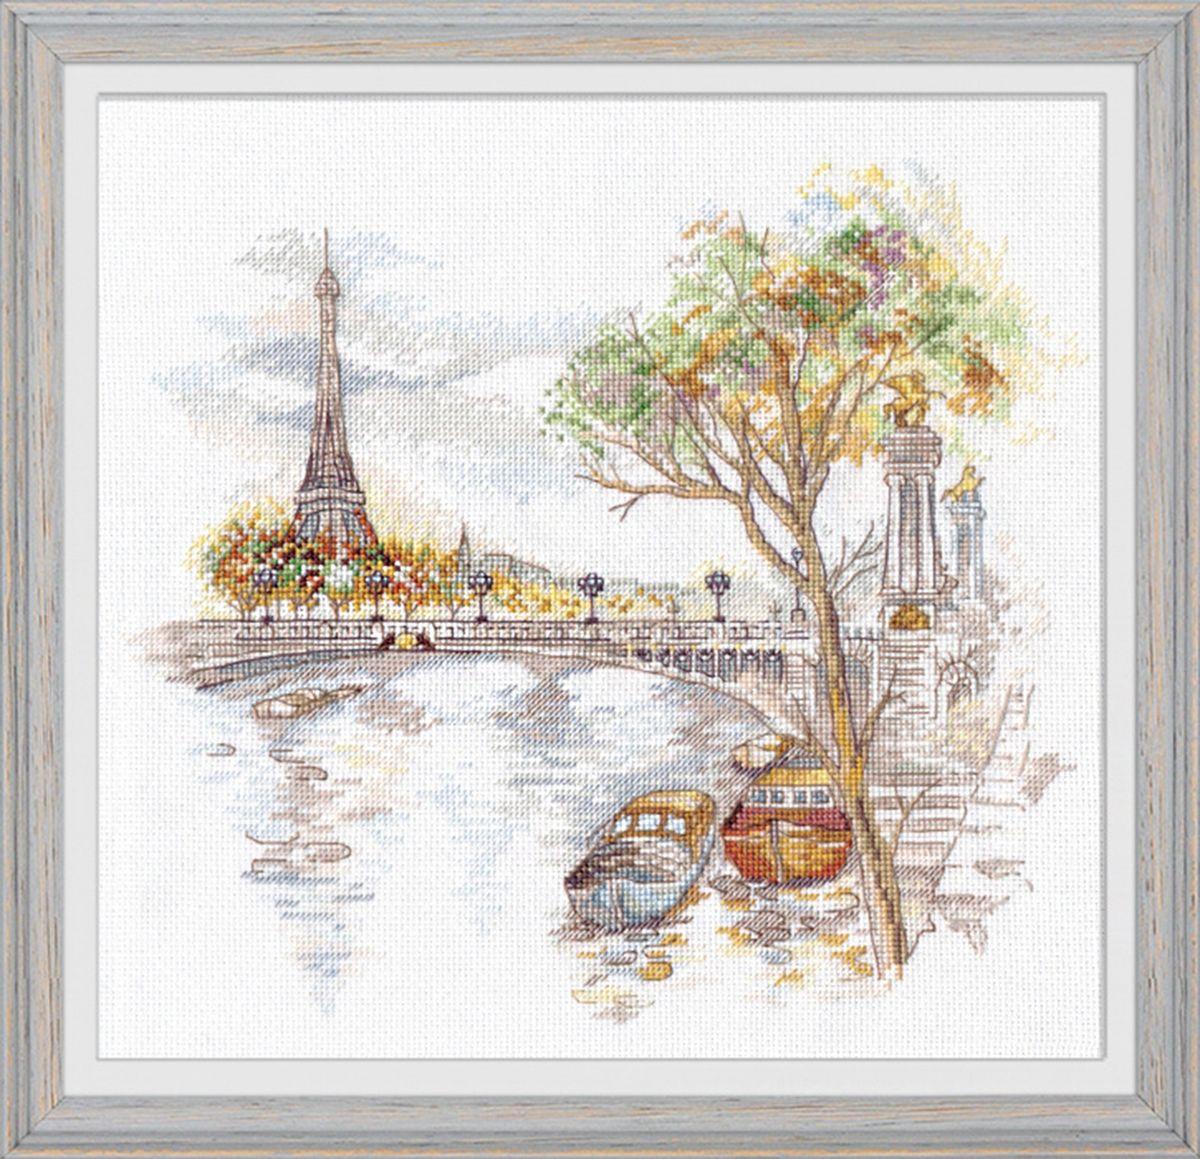 Набор для вышивания крестом Овен Осень в Париже, 27 х 25 см набор для вышивания крестом овен наш цветочек 23 х 24 см